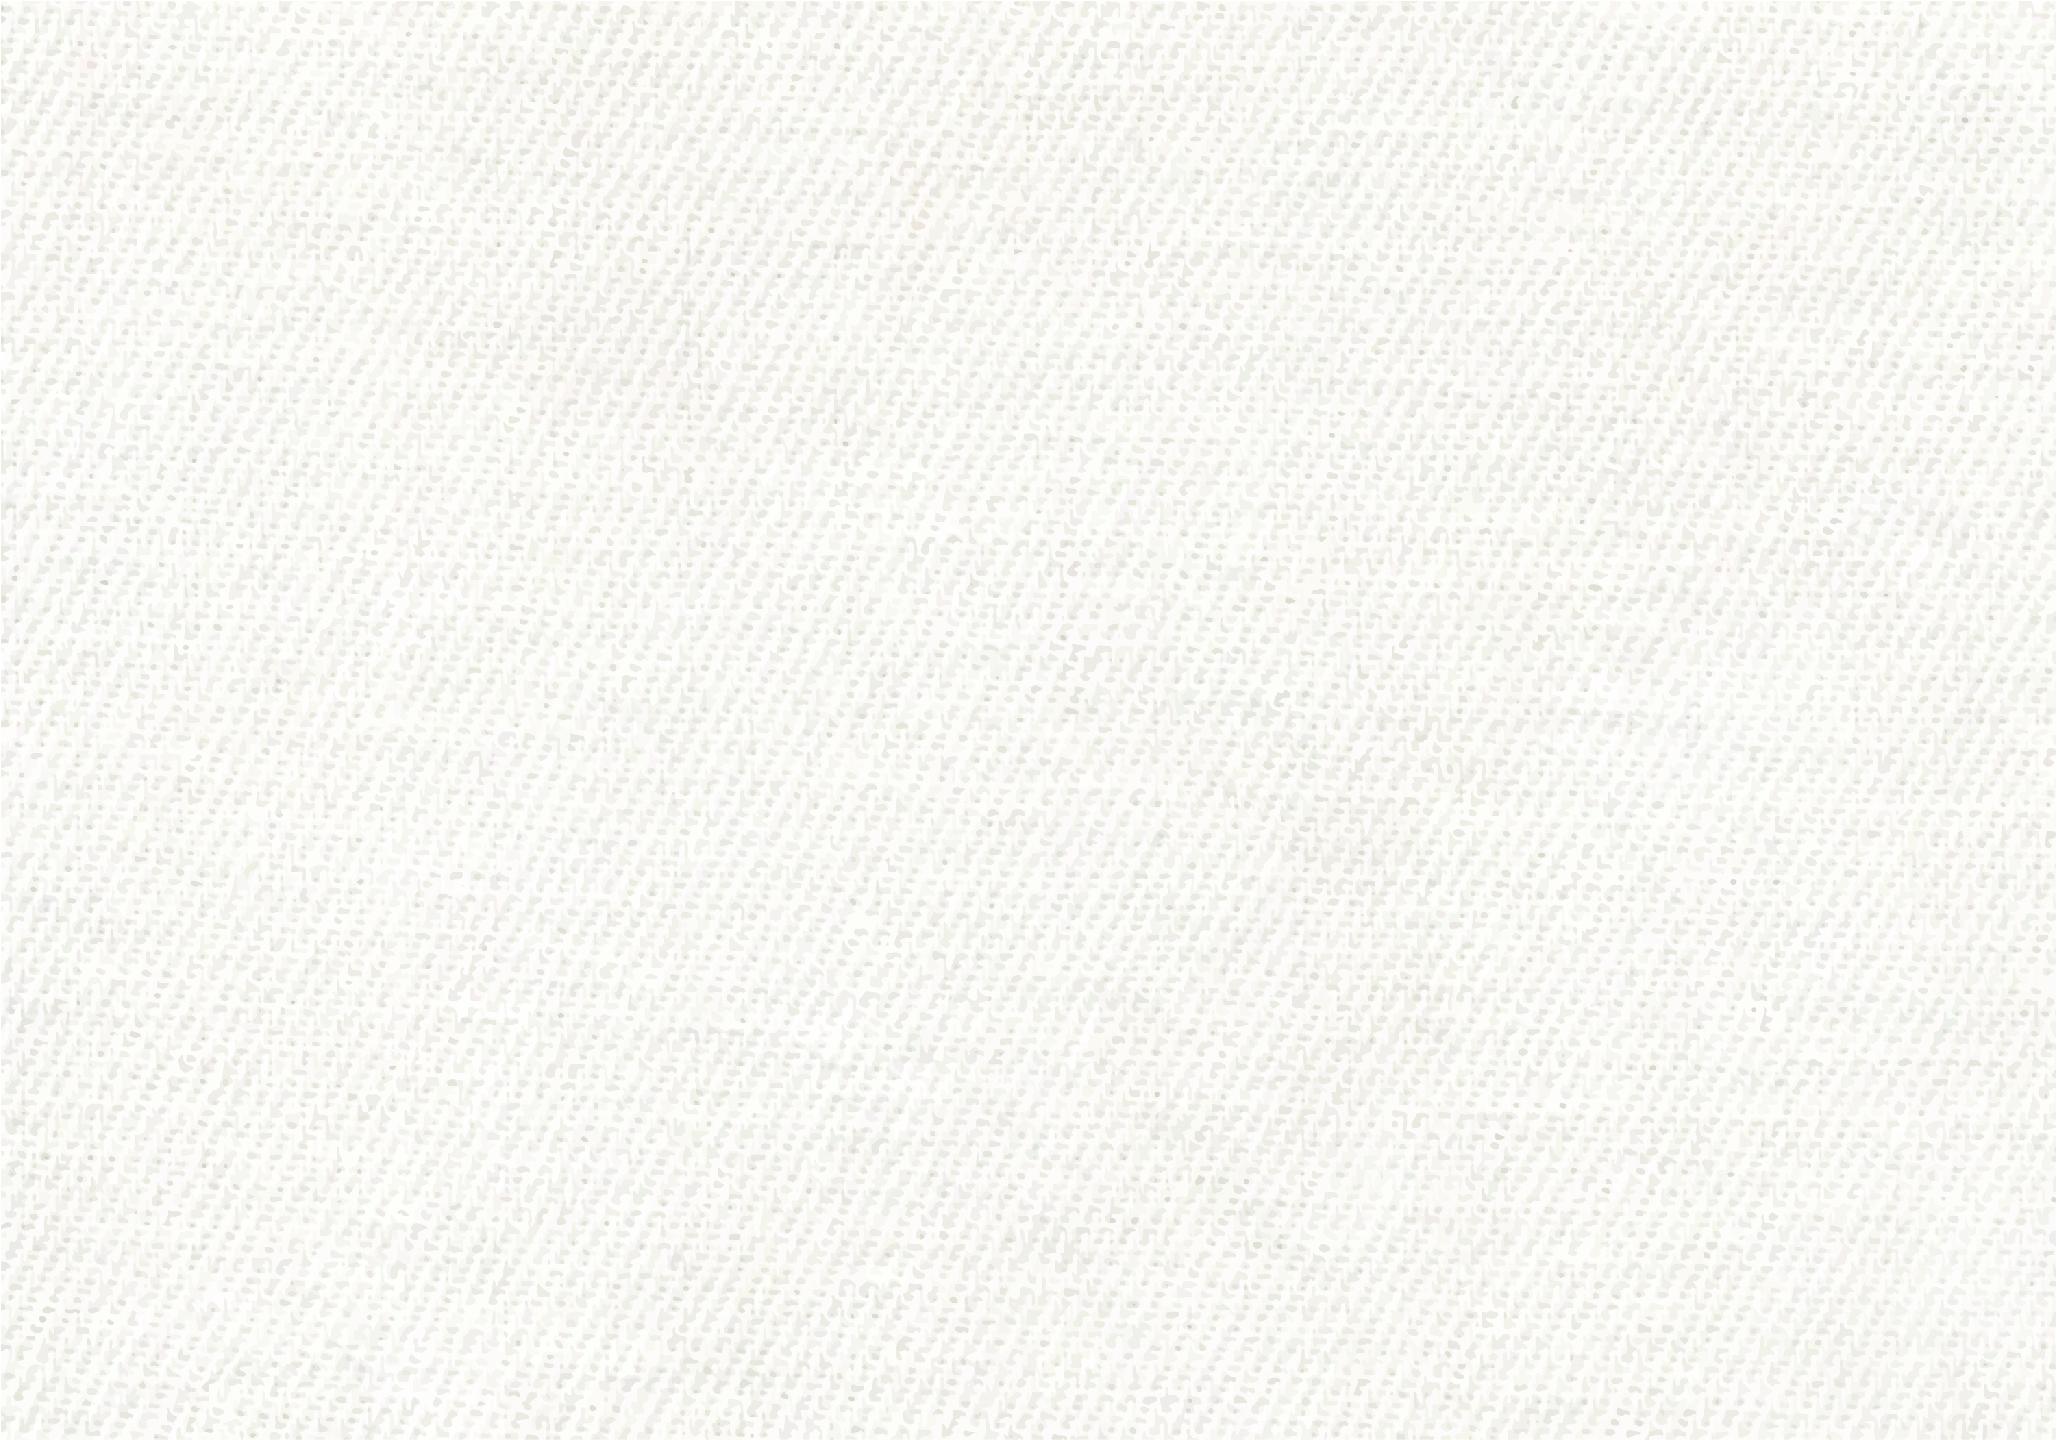 linenpattern.jpg